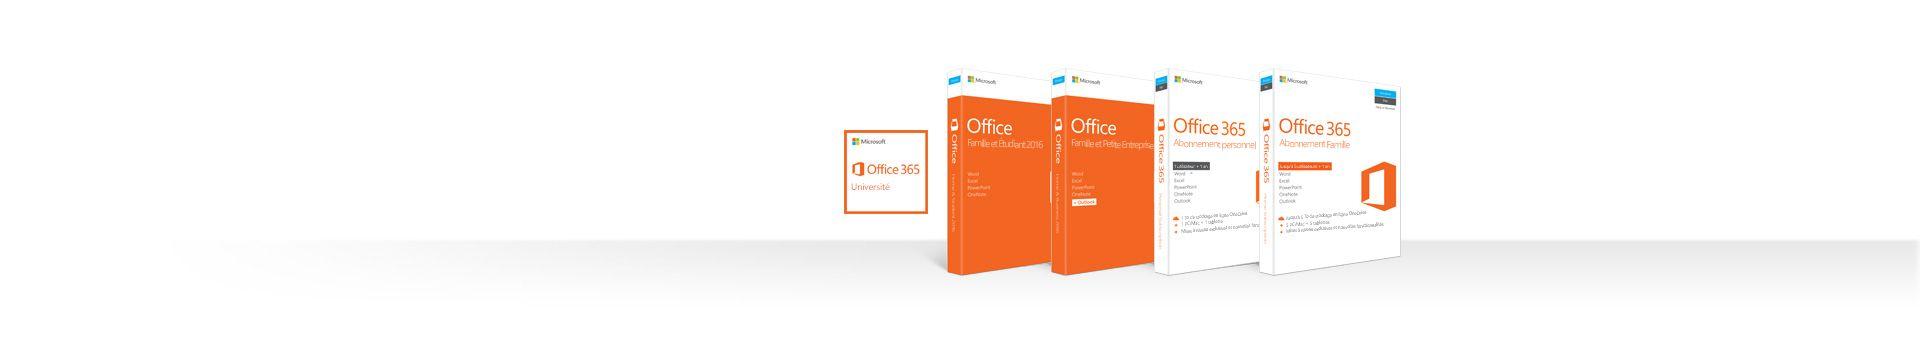 Rangée de produits Office 2016 et Office 365 pour Mac